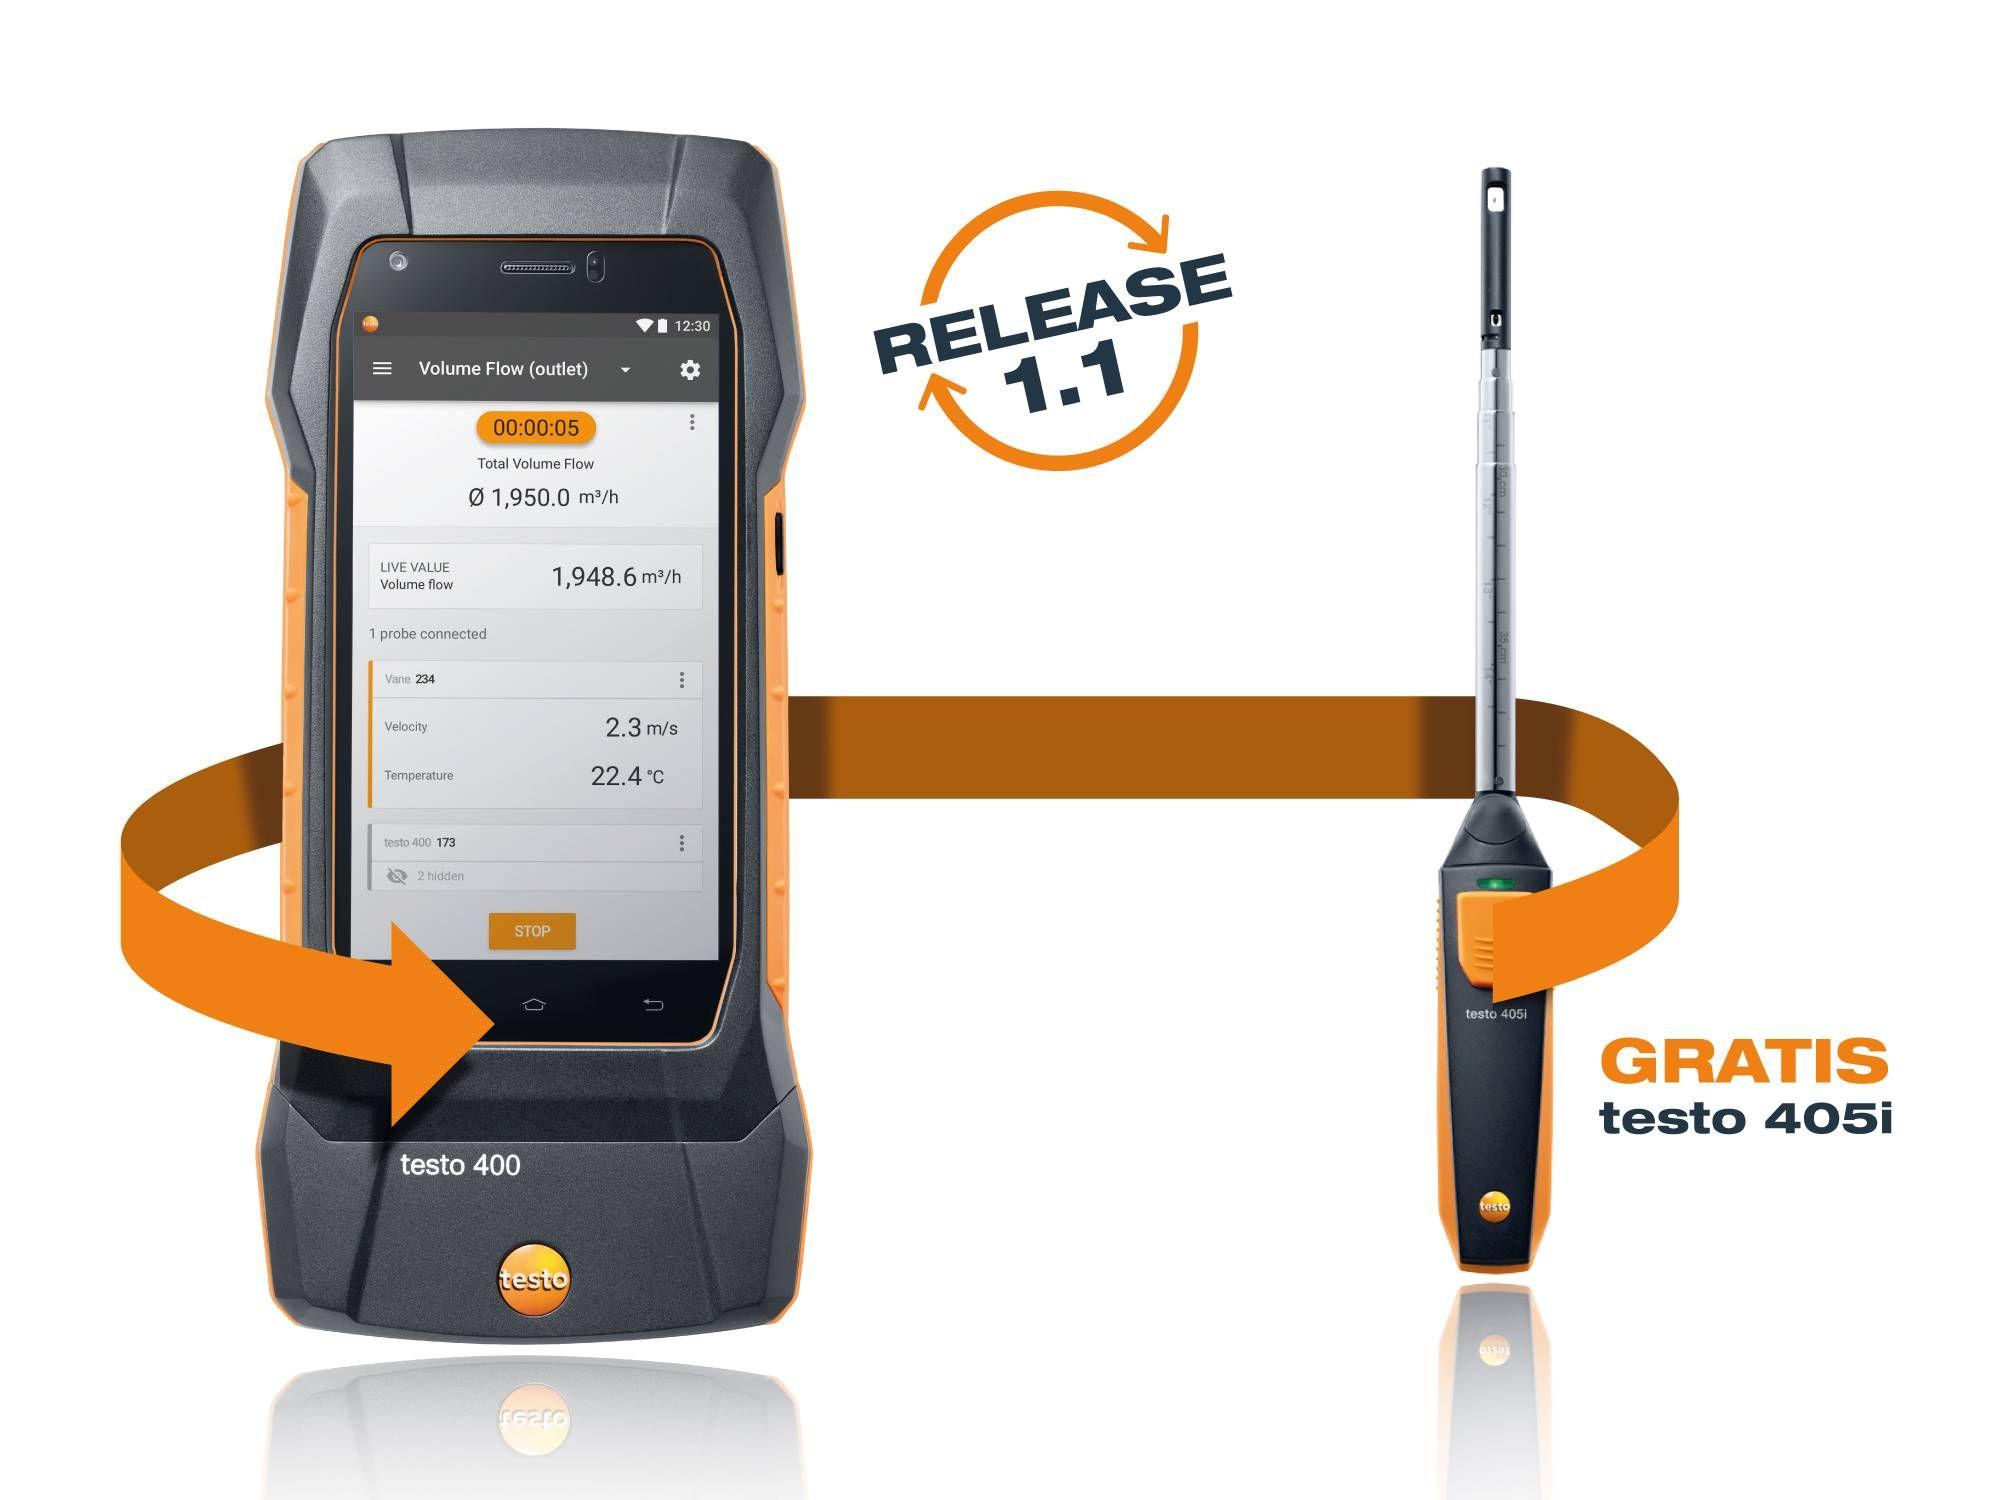 Instrumento Testo para medición de IAQ